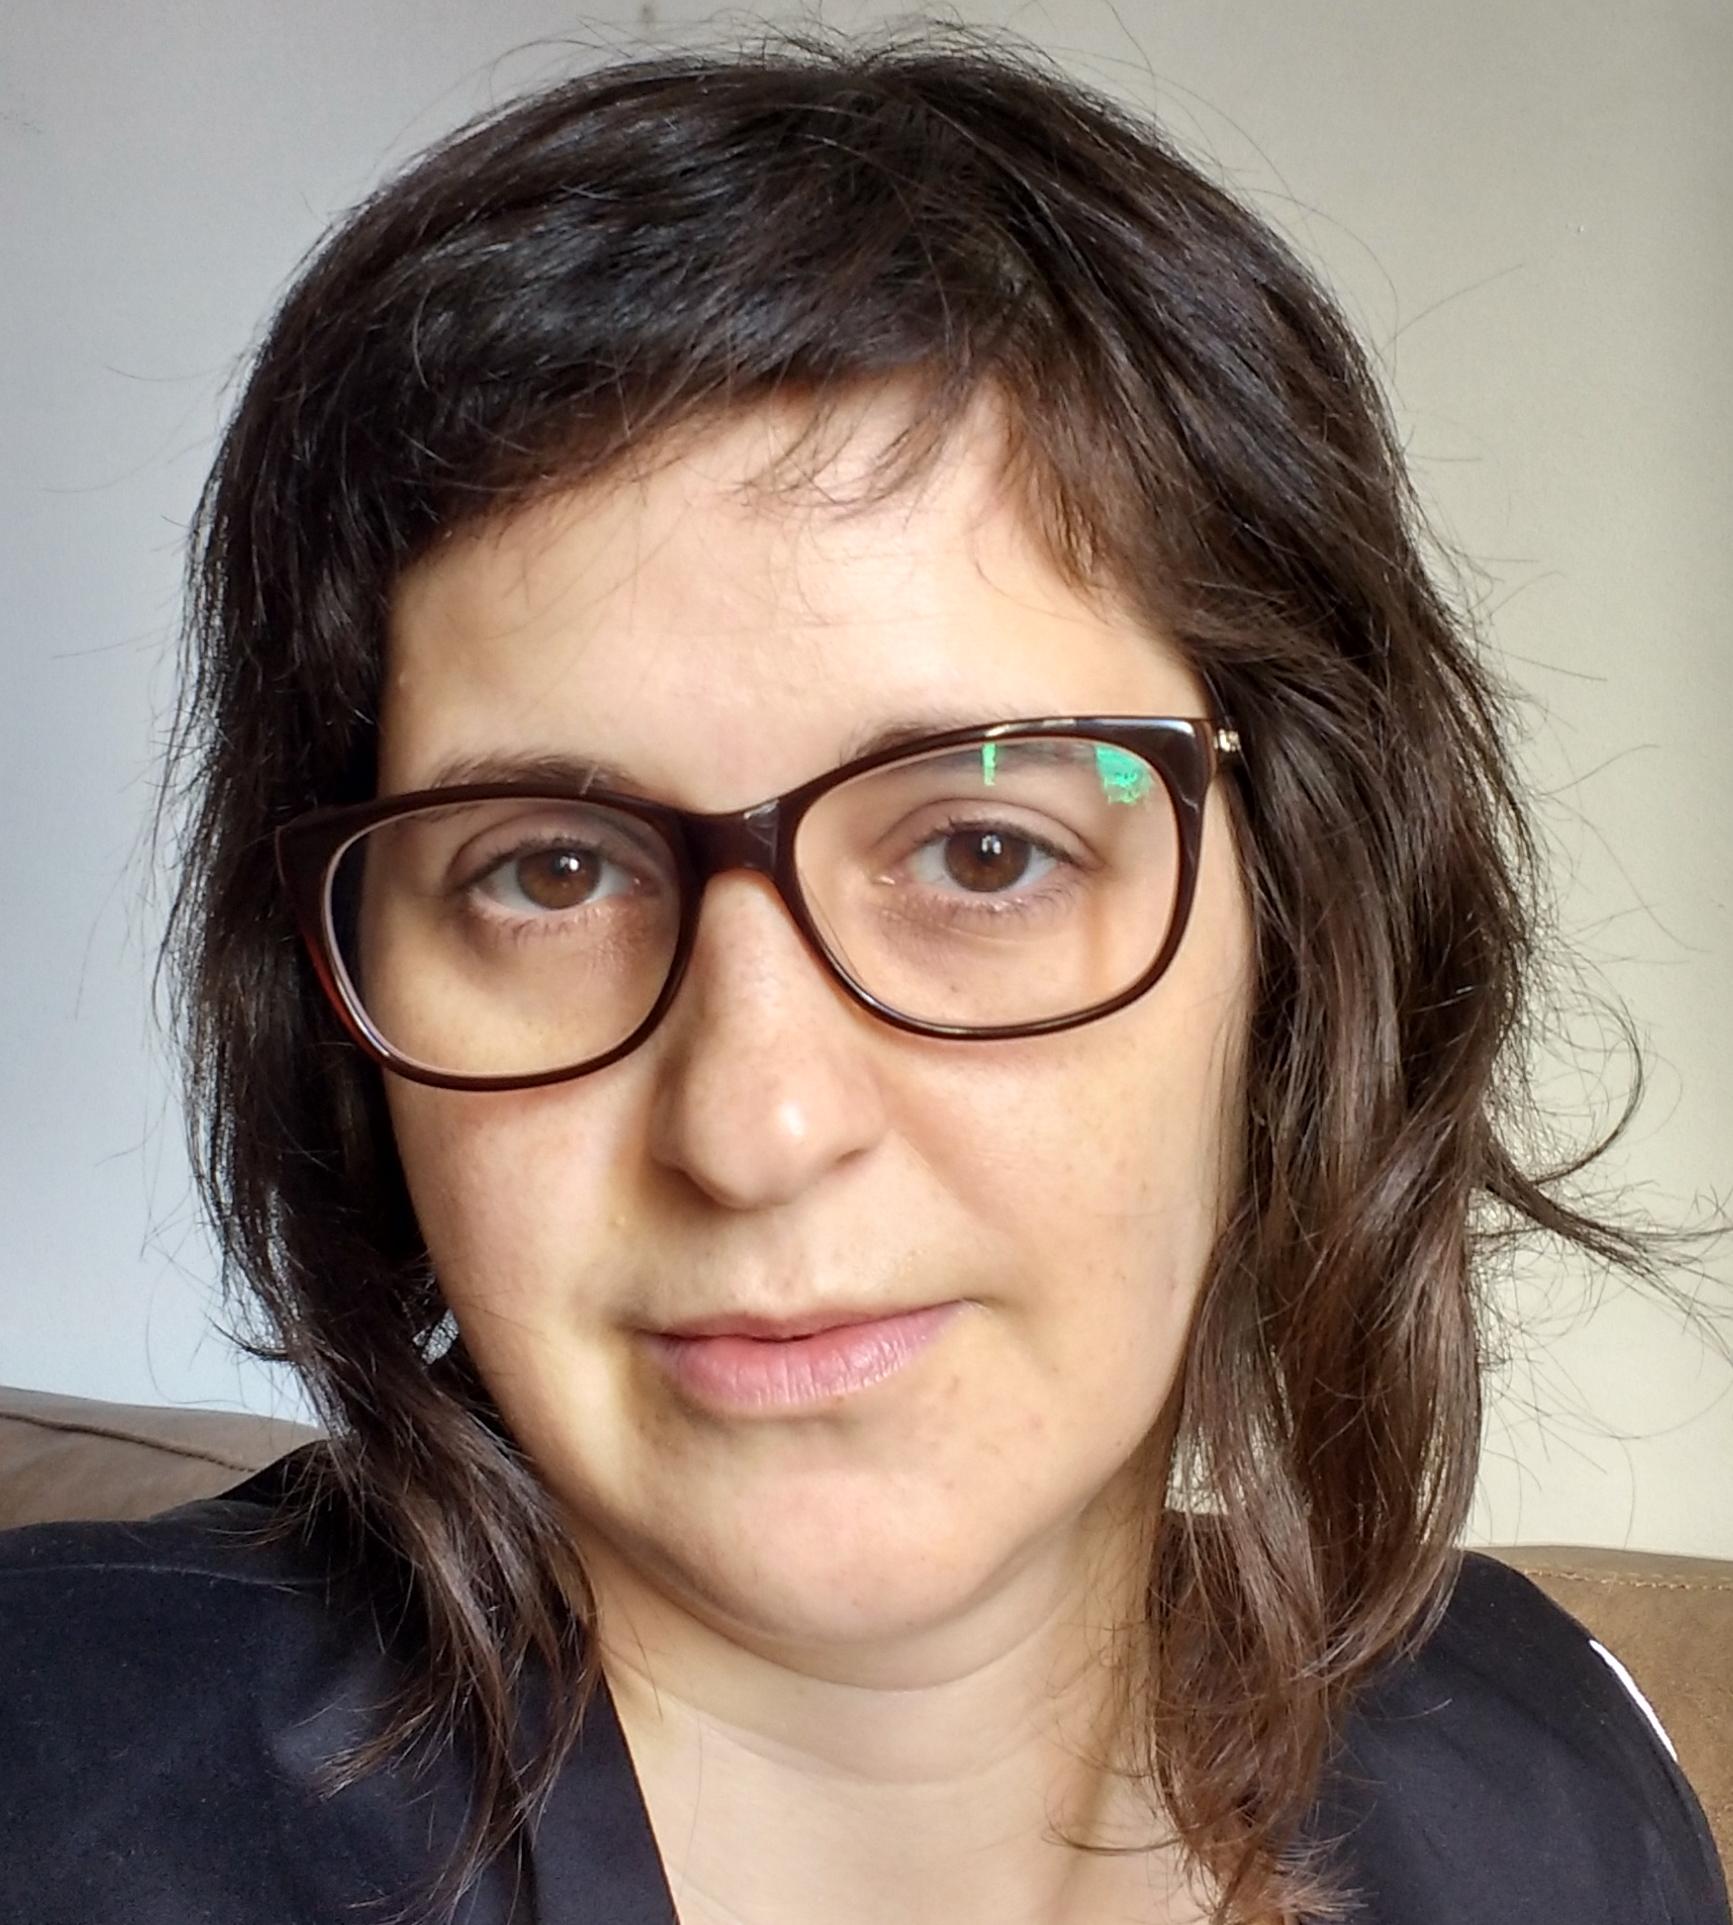 Joana Penteado